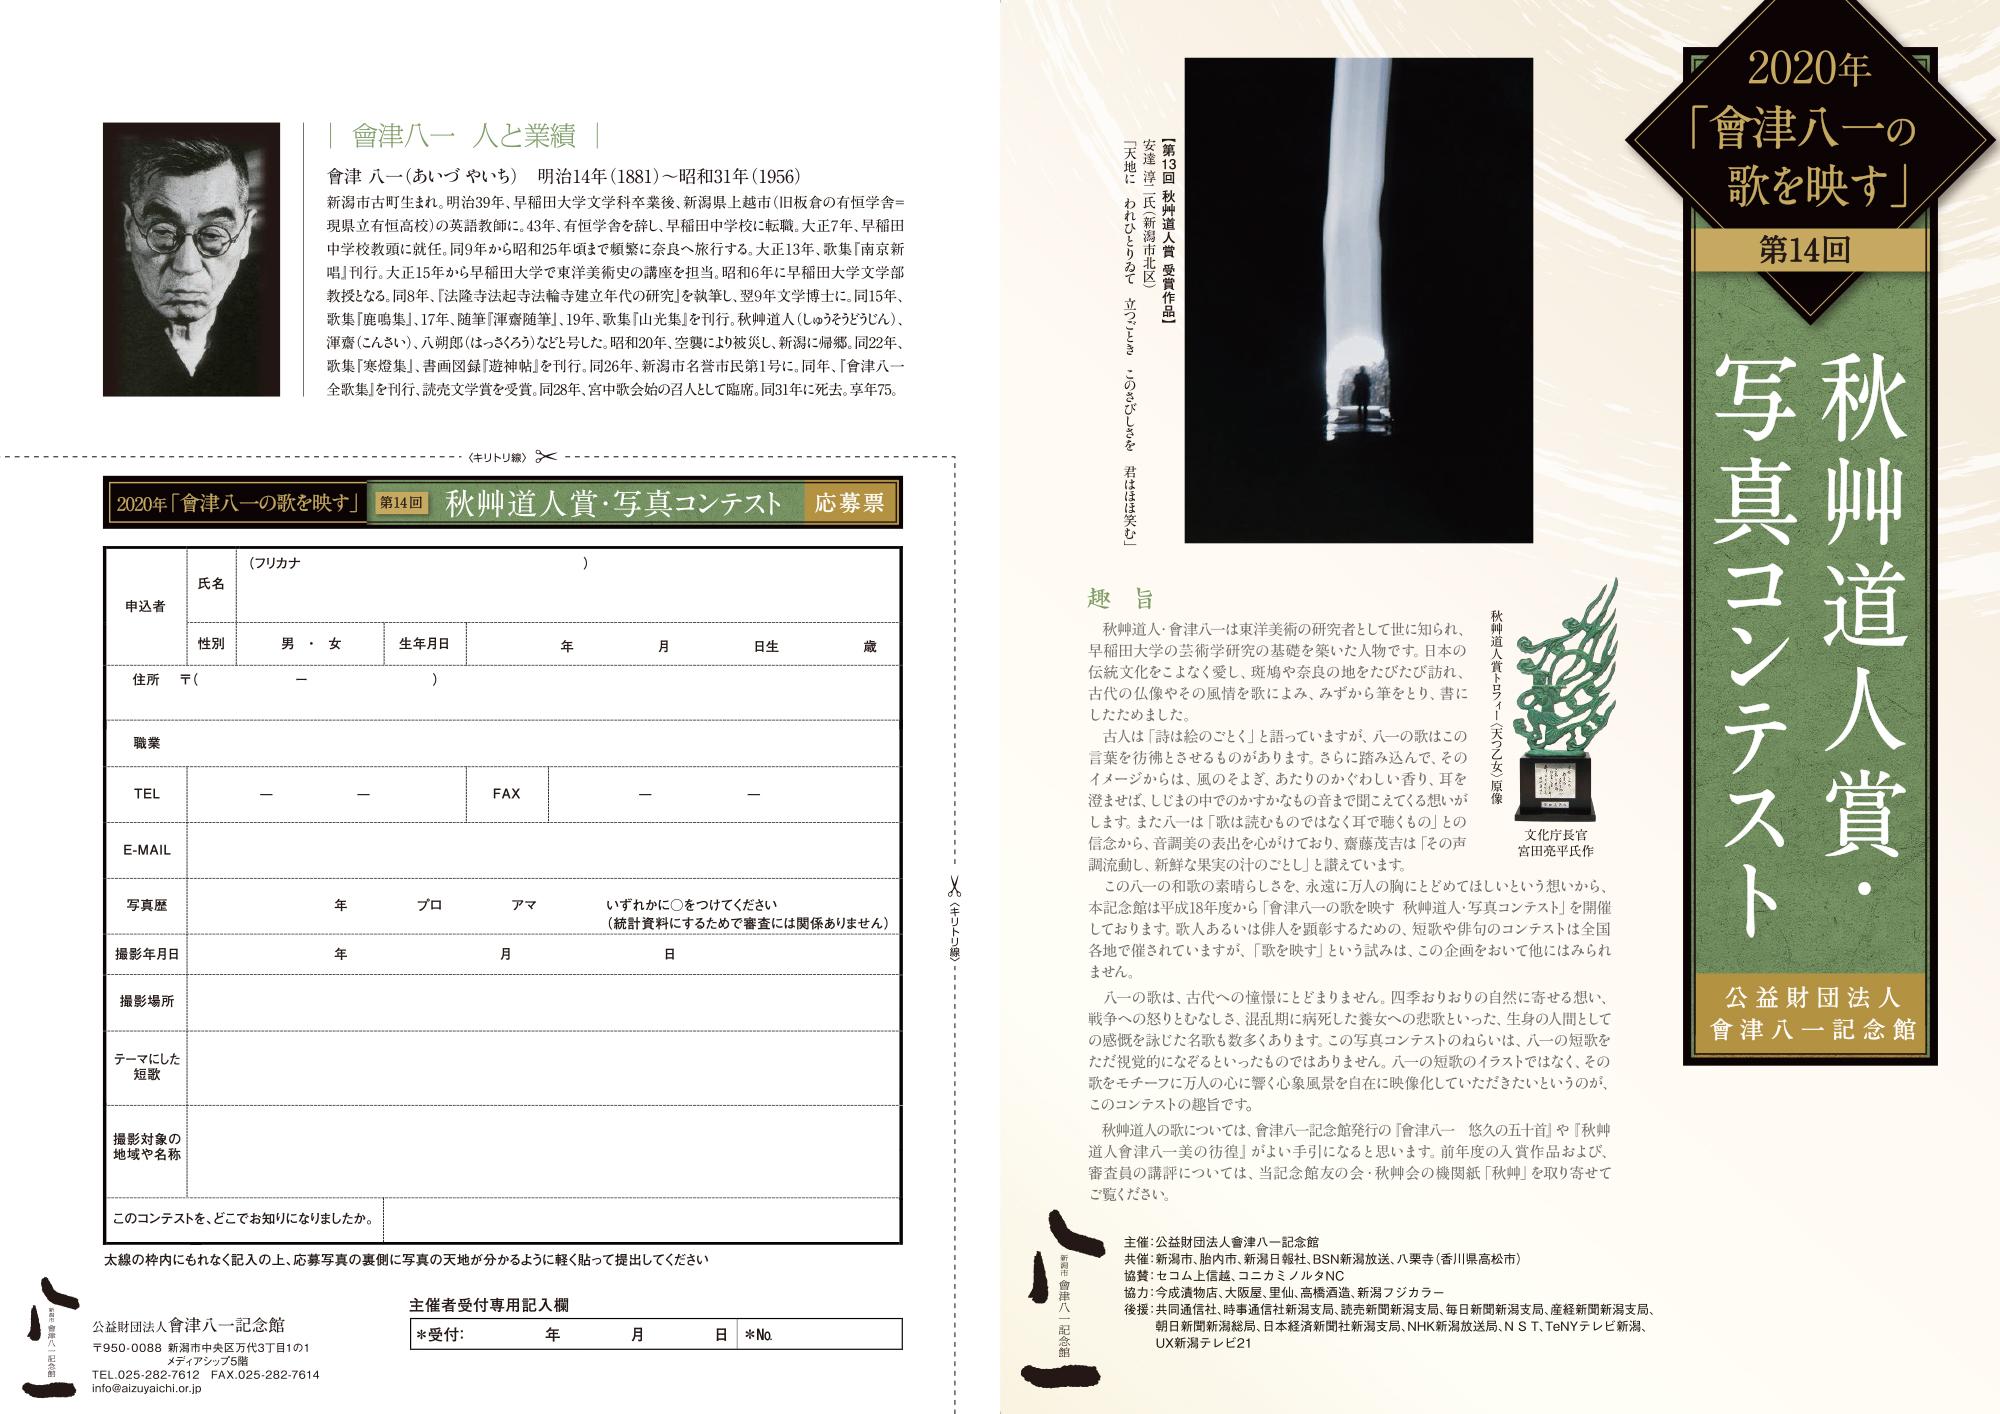 202003_會津八一_秋艸道人賞_A4_0324